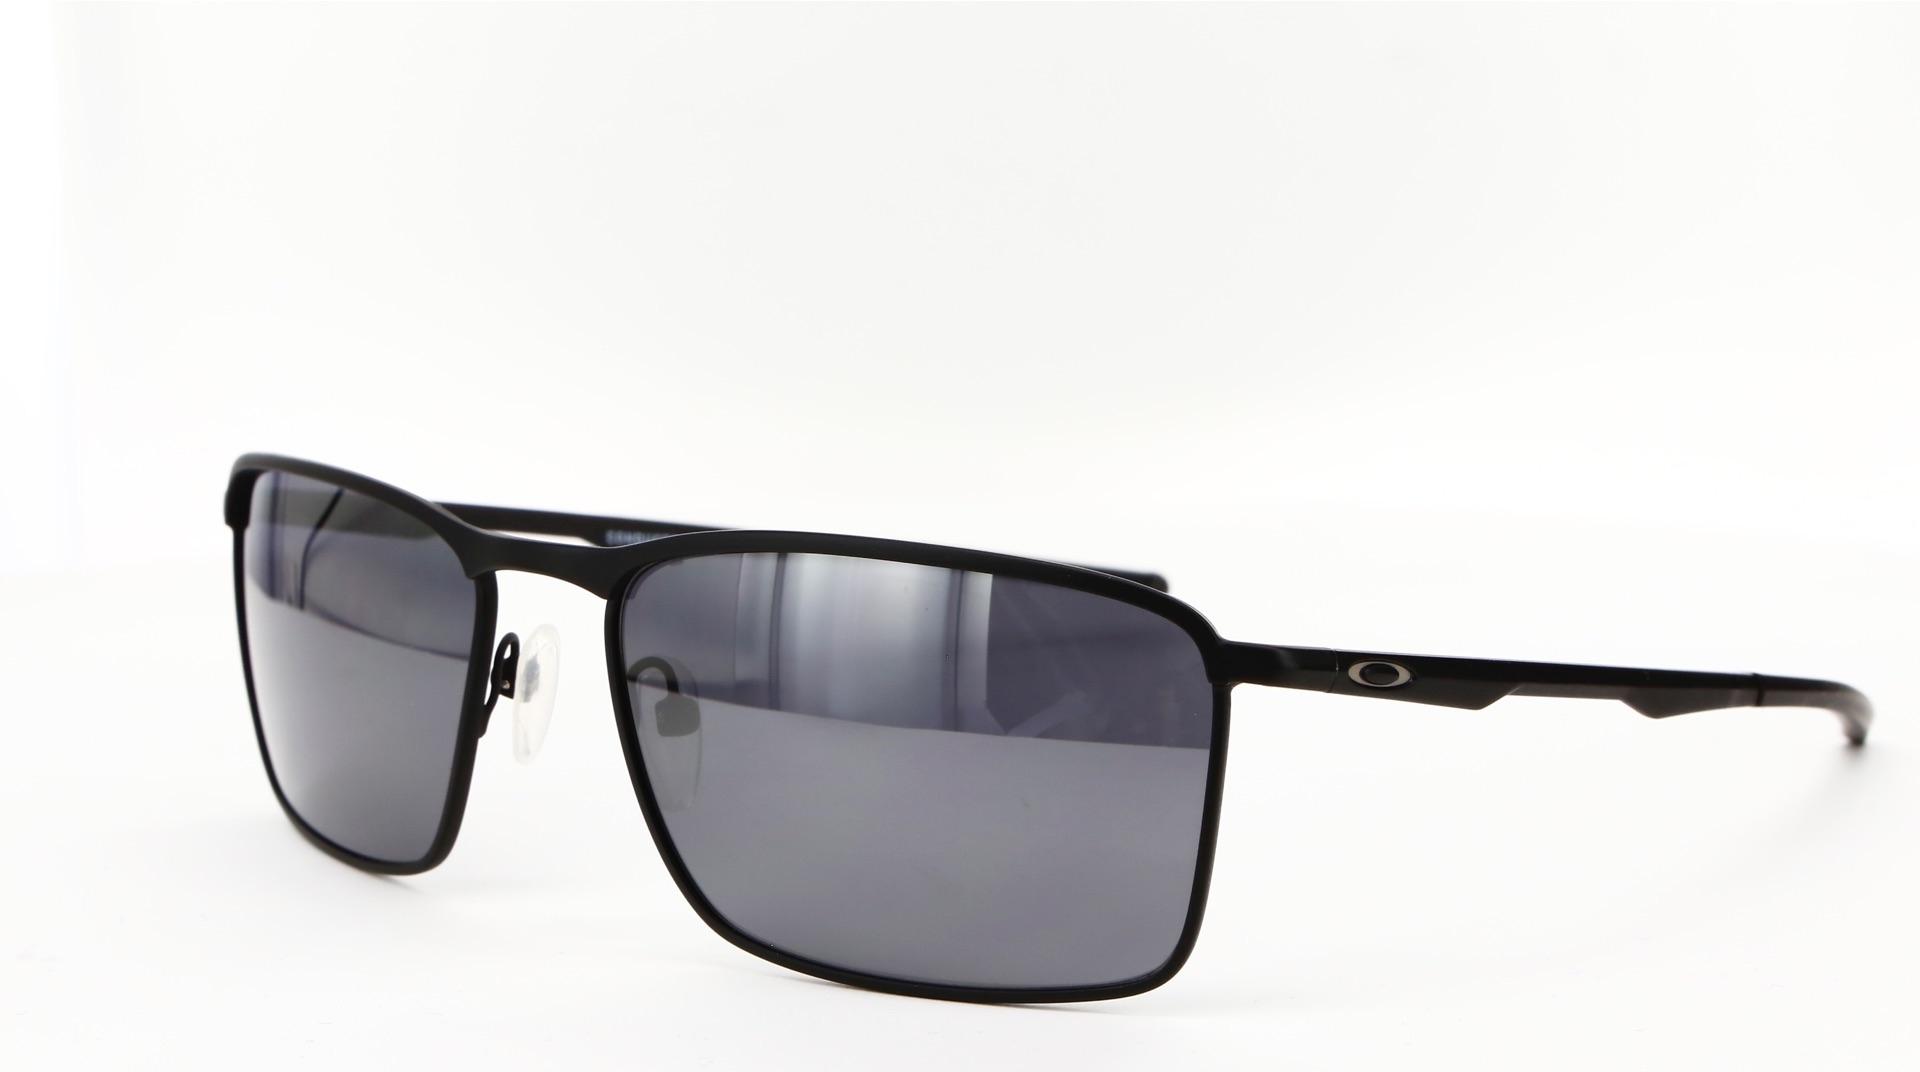 Oakley - ref: 74061